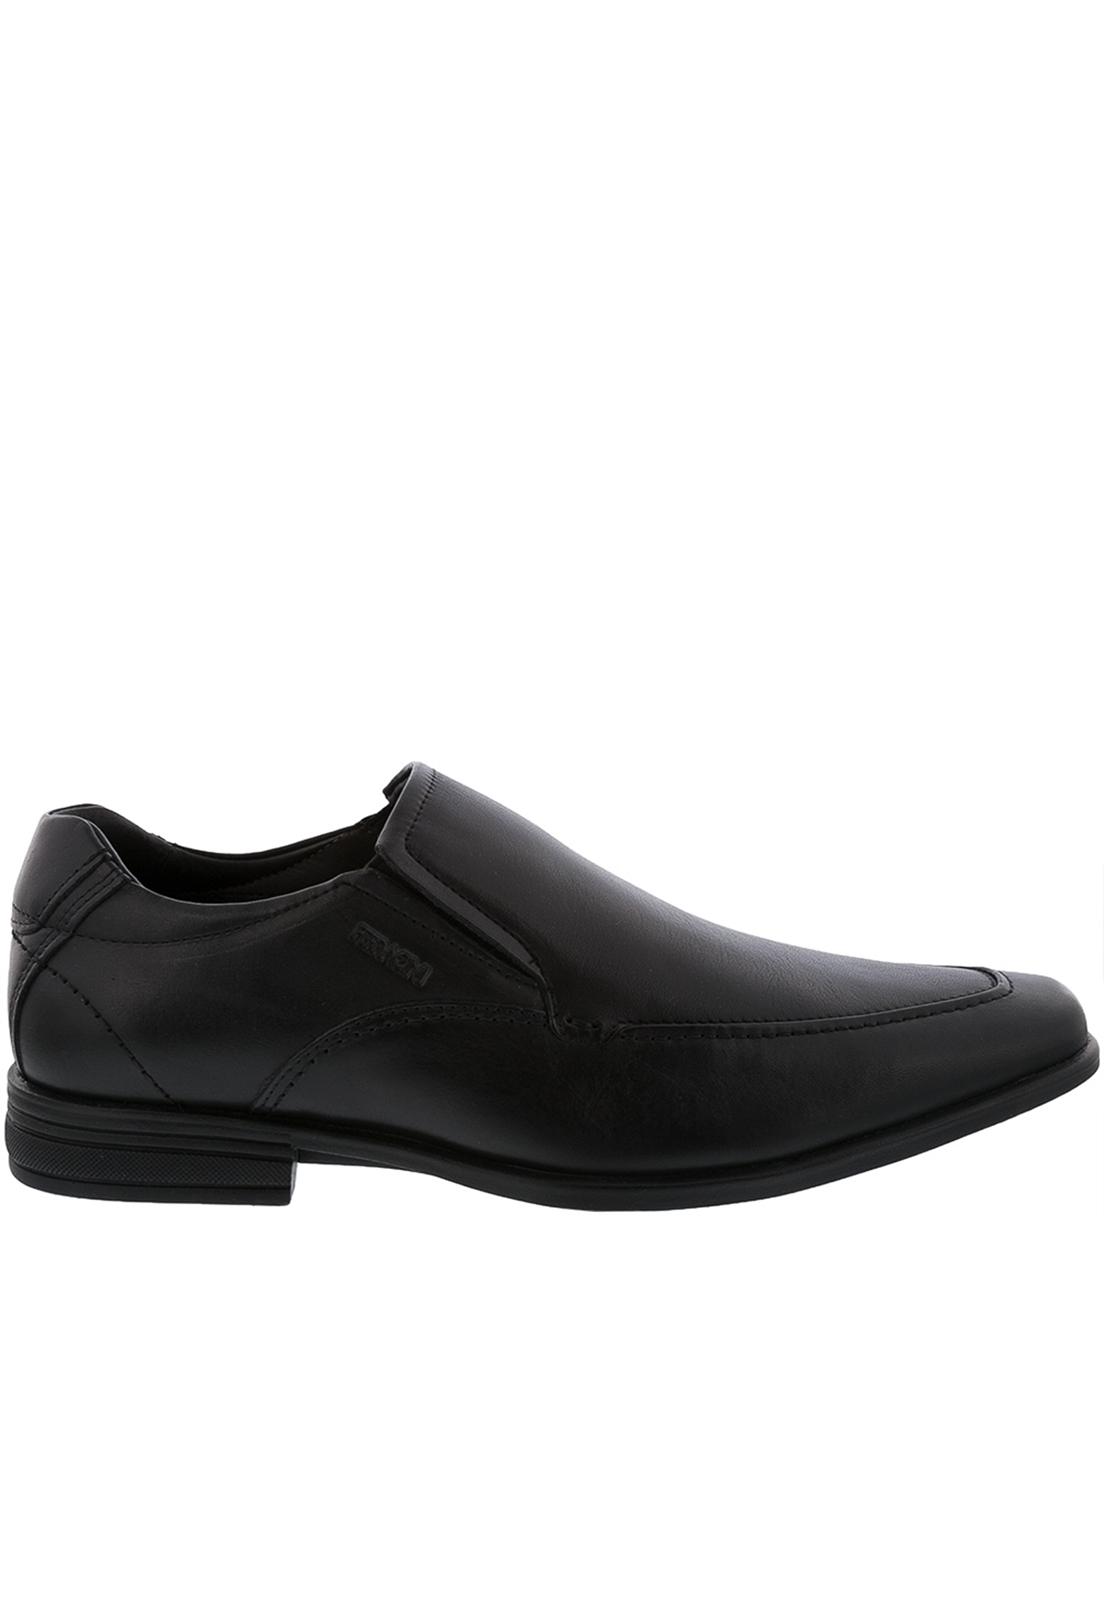 Sapato FERRACINI MAYER BA PRETO 5986